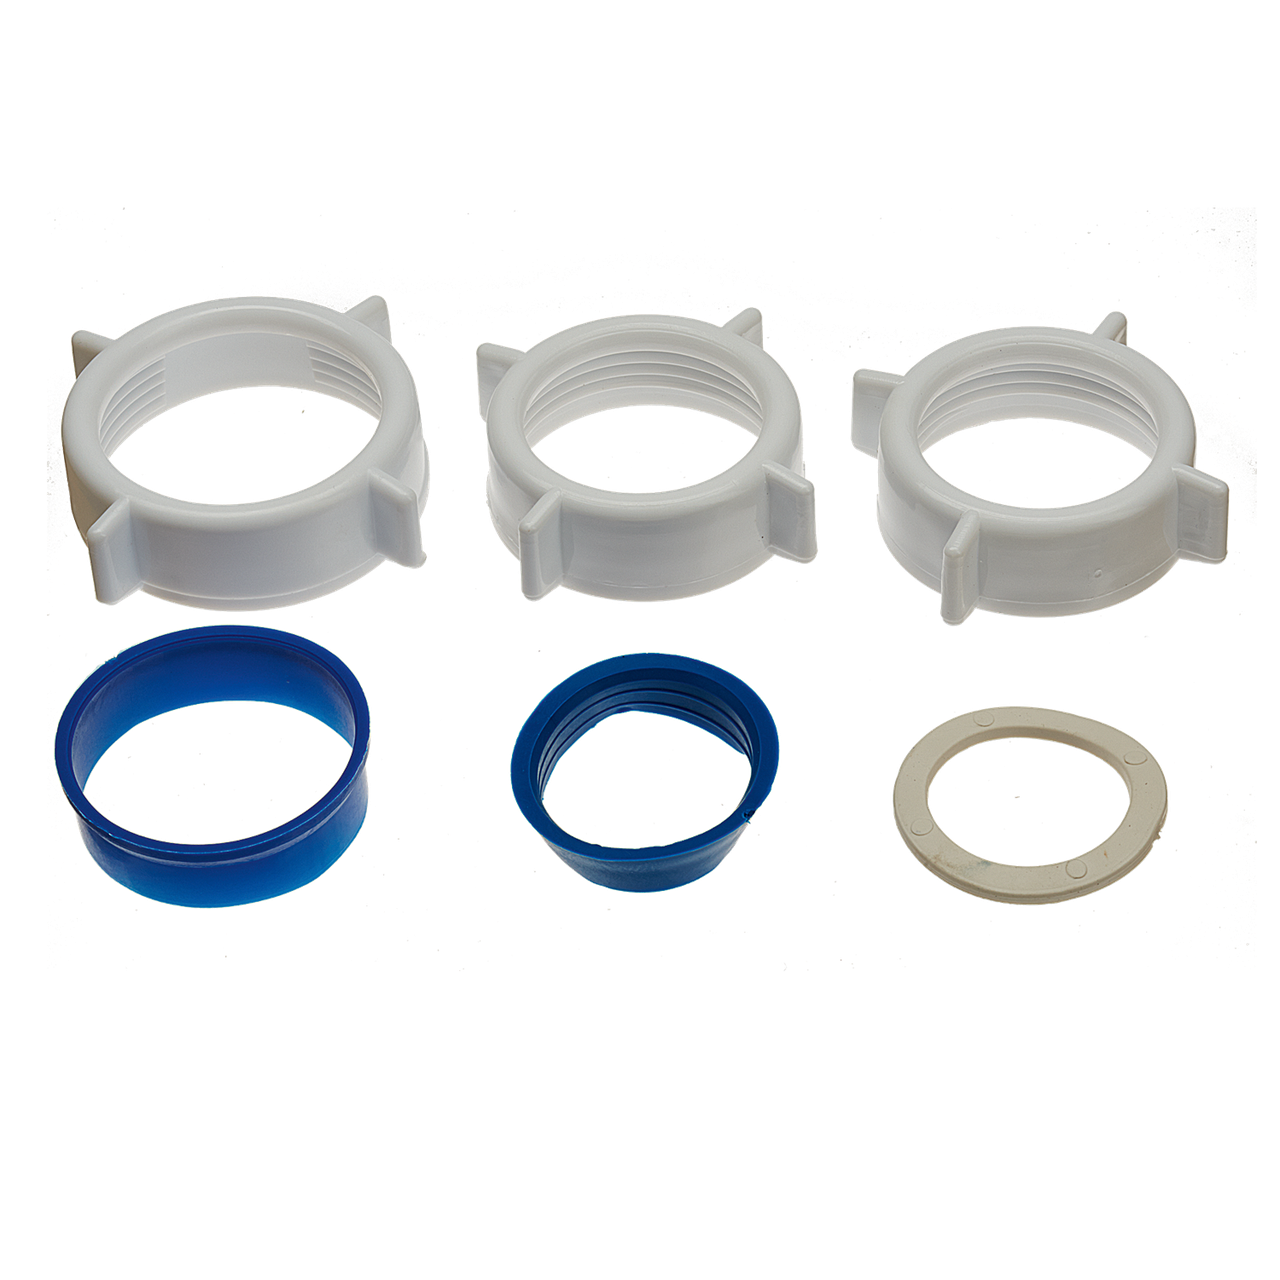 PK-3 Ремонтный комплект сифонов для раковин и моек.